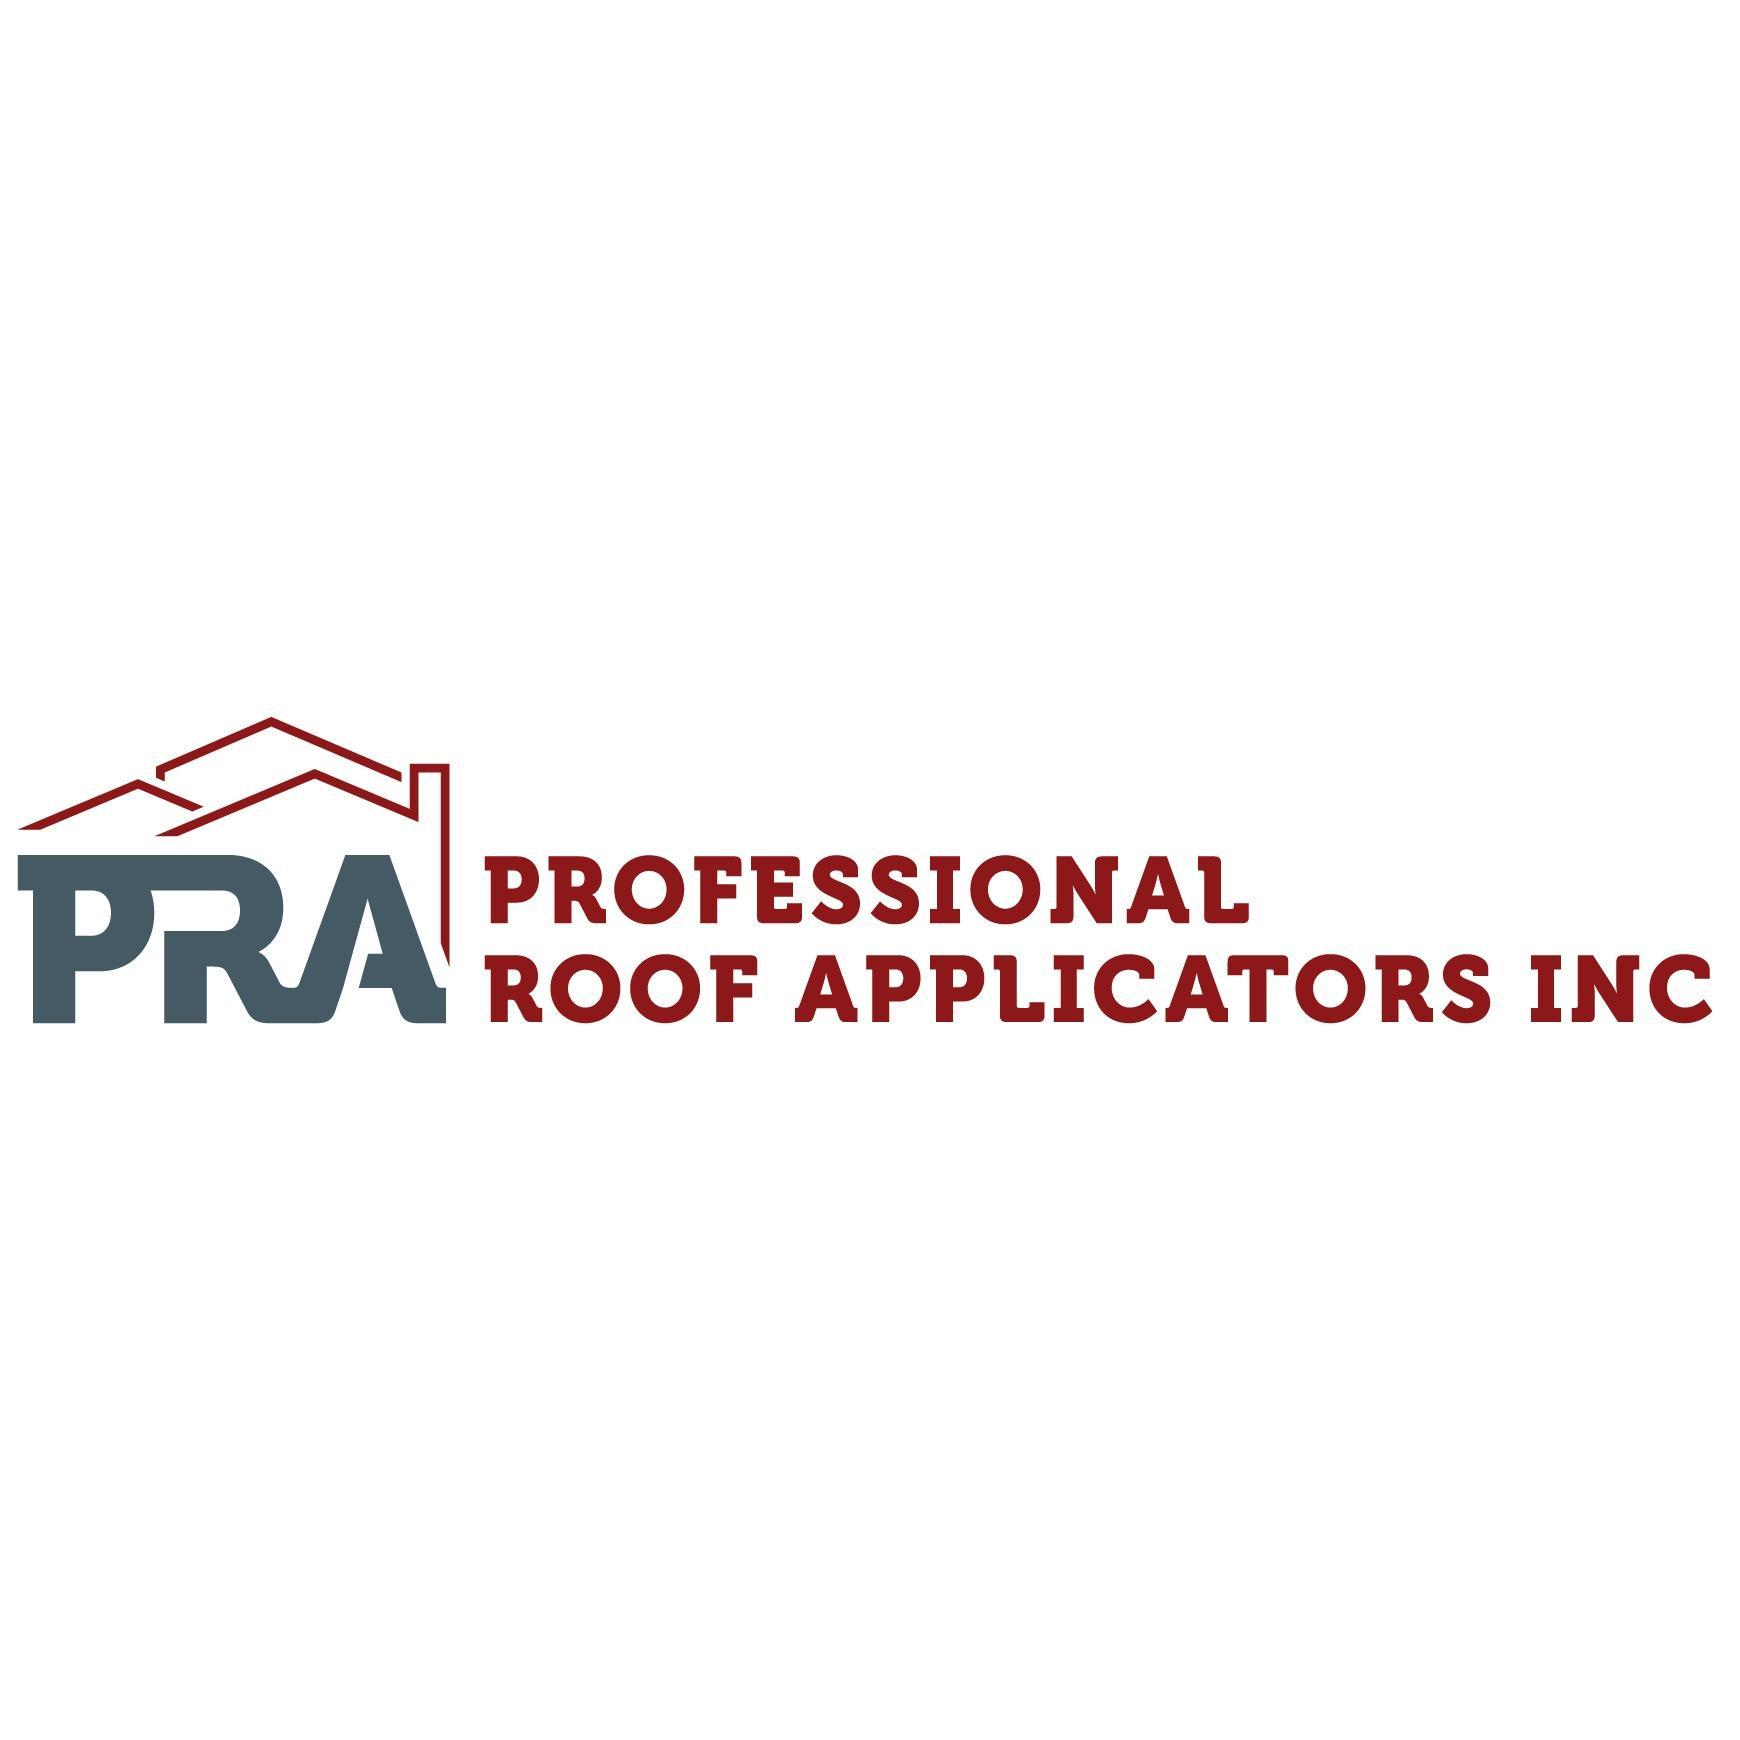 Professional Roof Applicators Inc